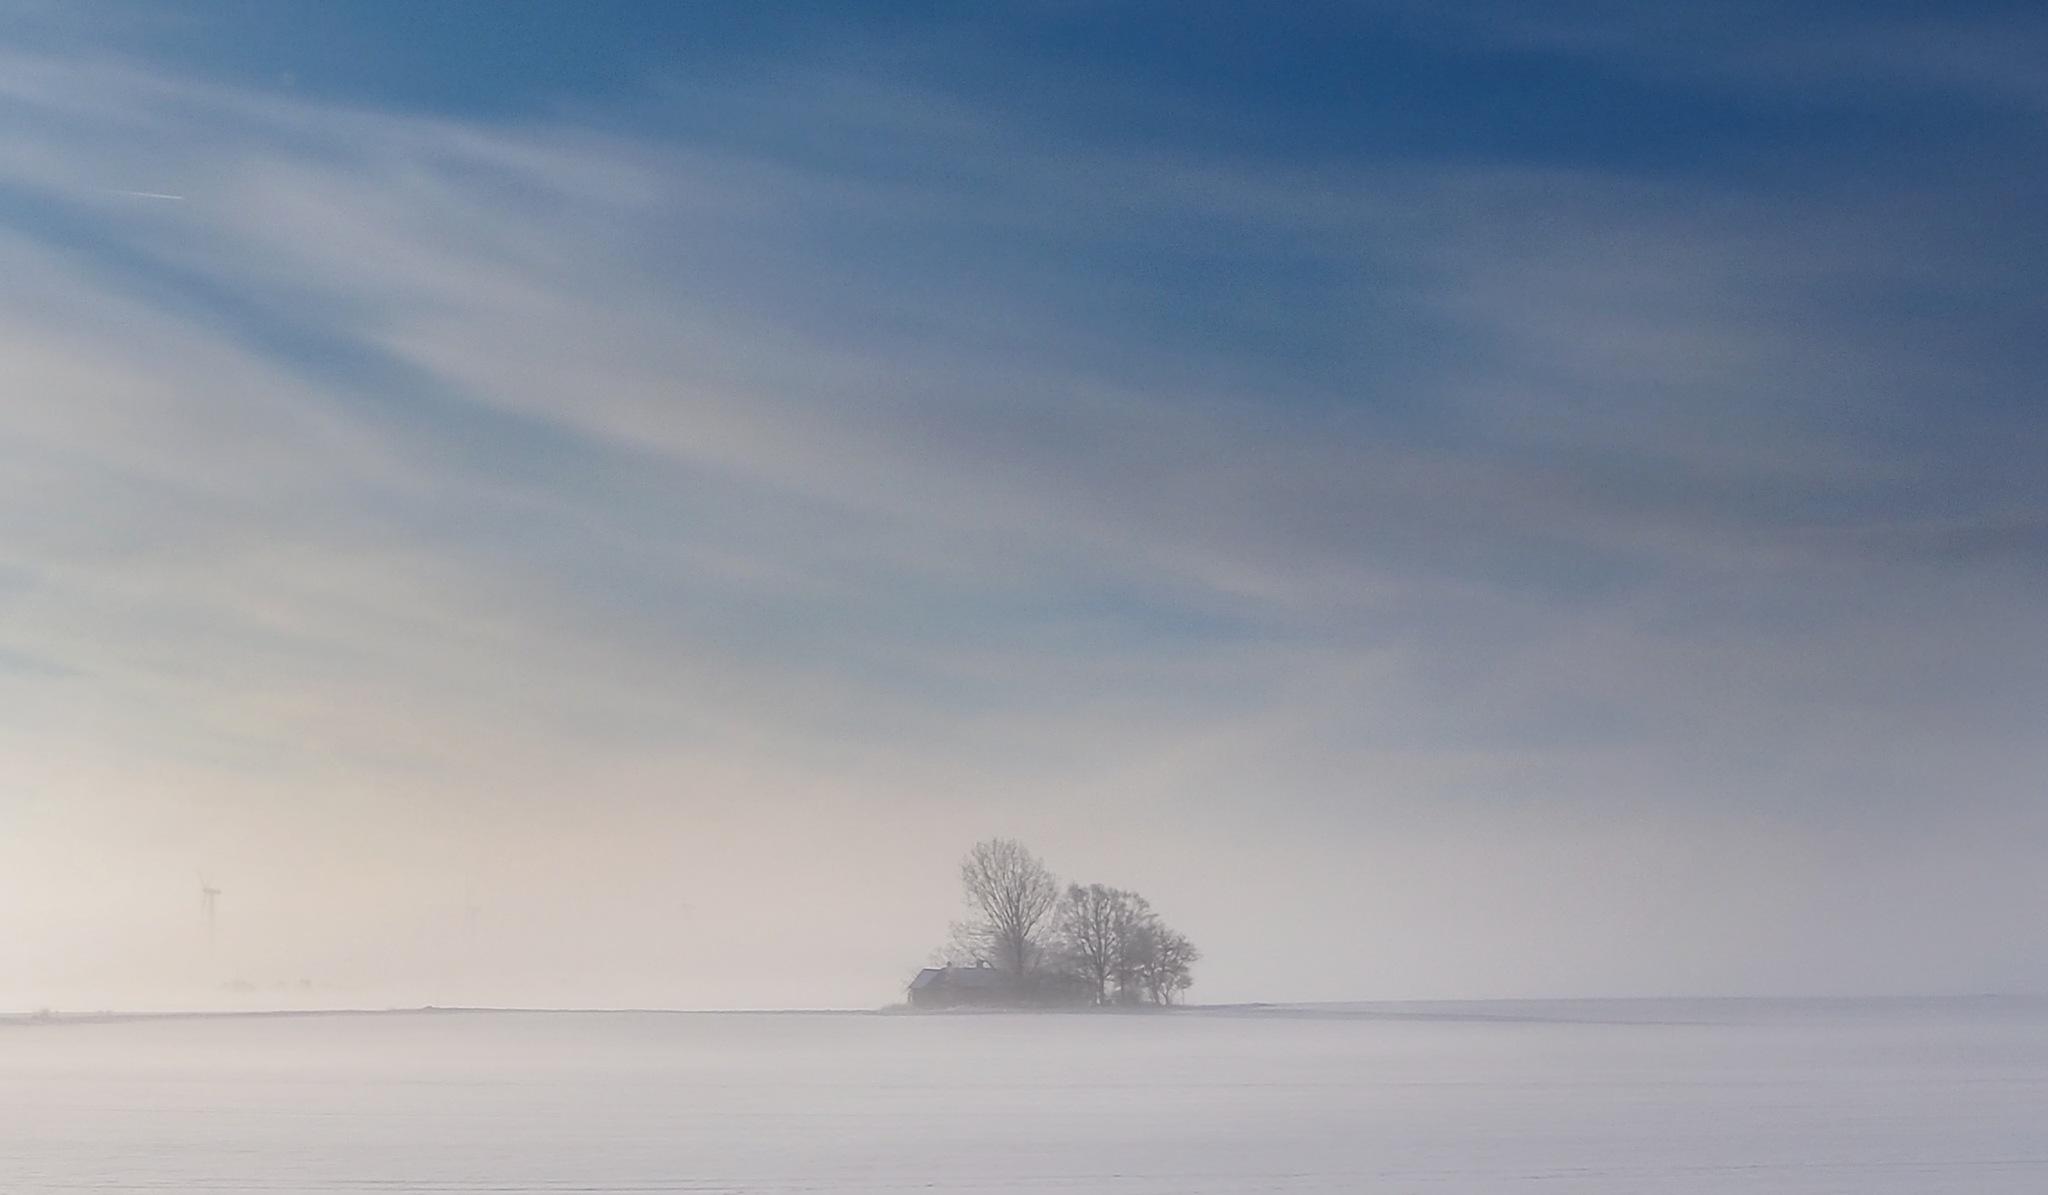 Fog over the plain by Lena Schöld